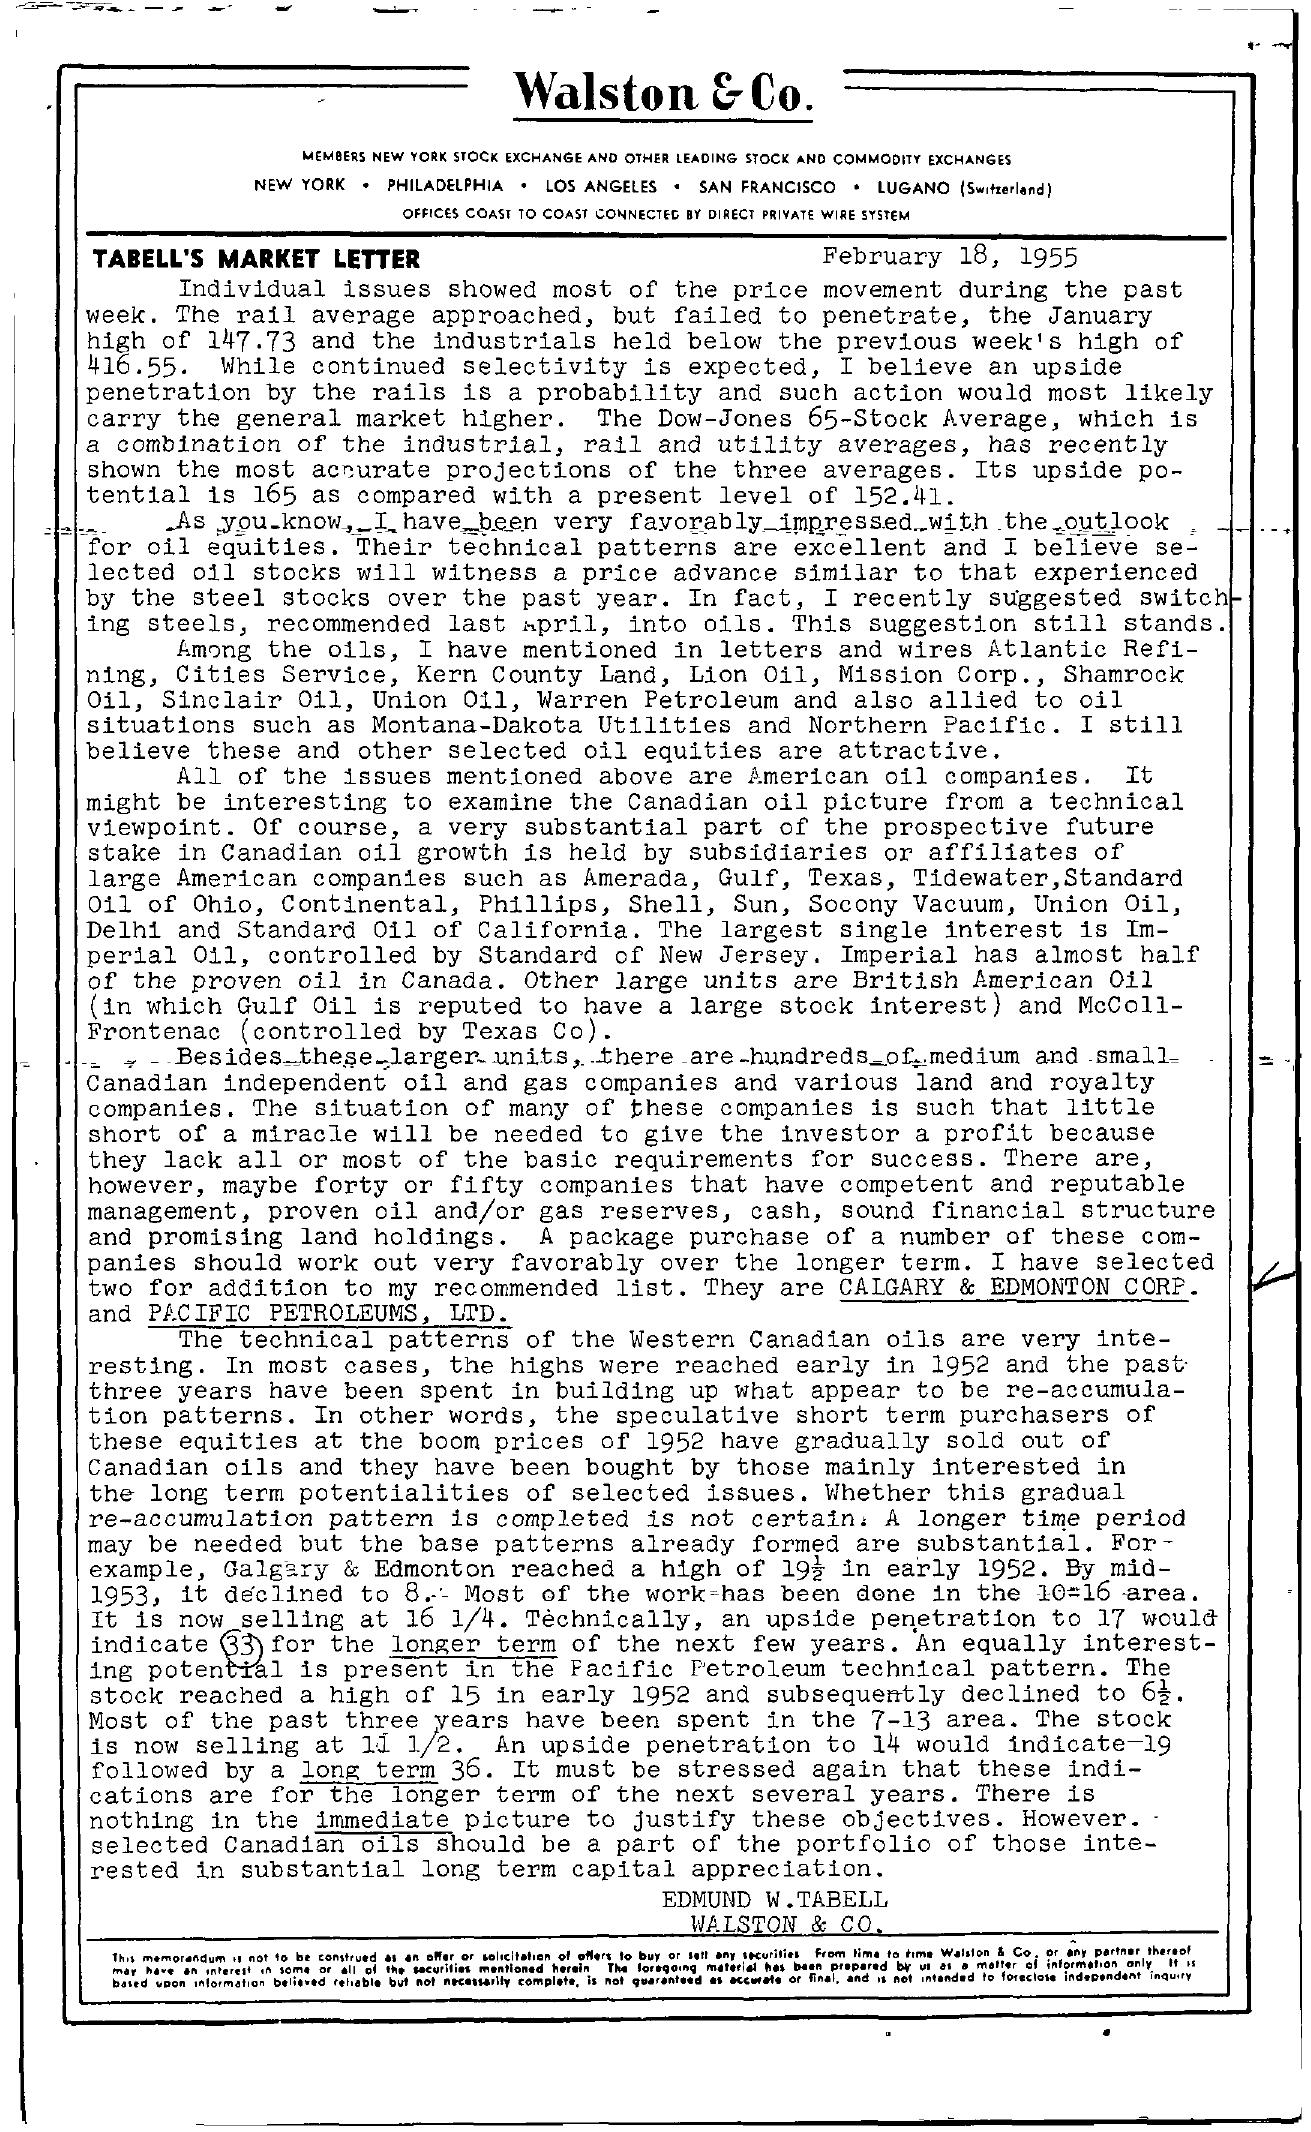 Tabell's Market Letter - February 18, 1955